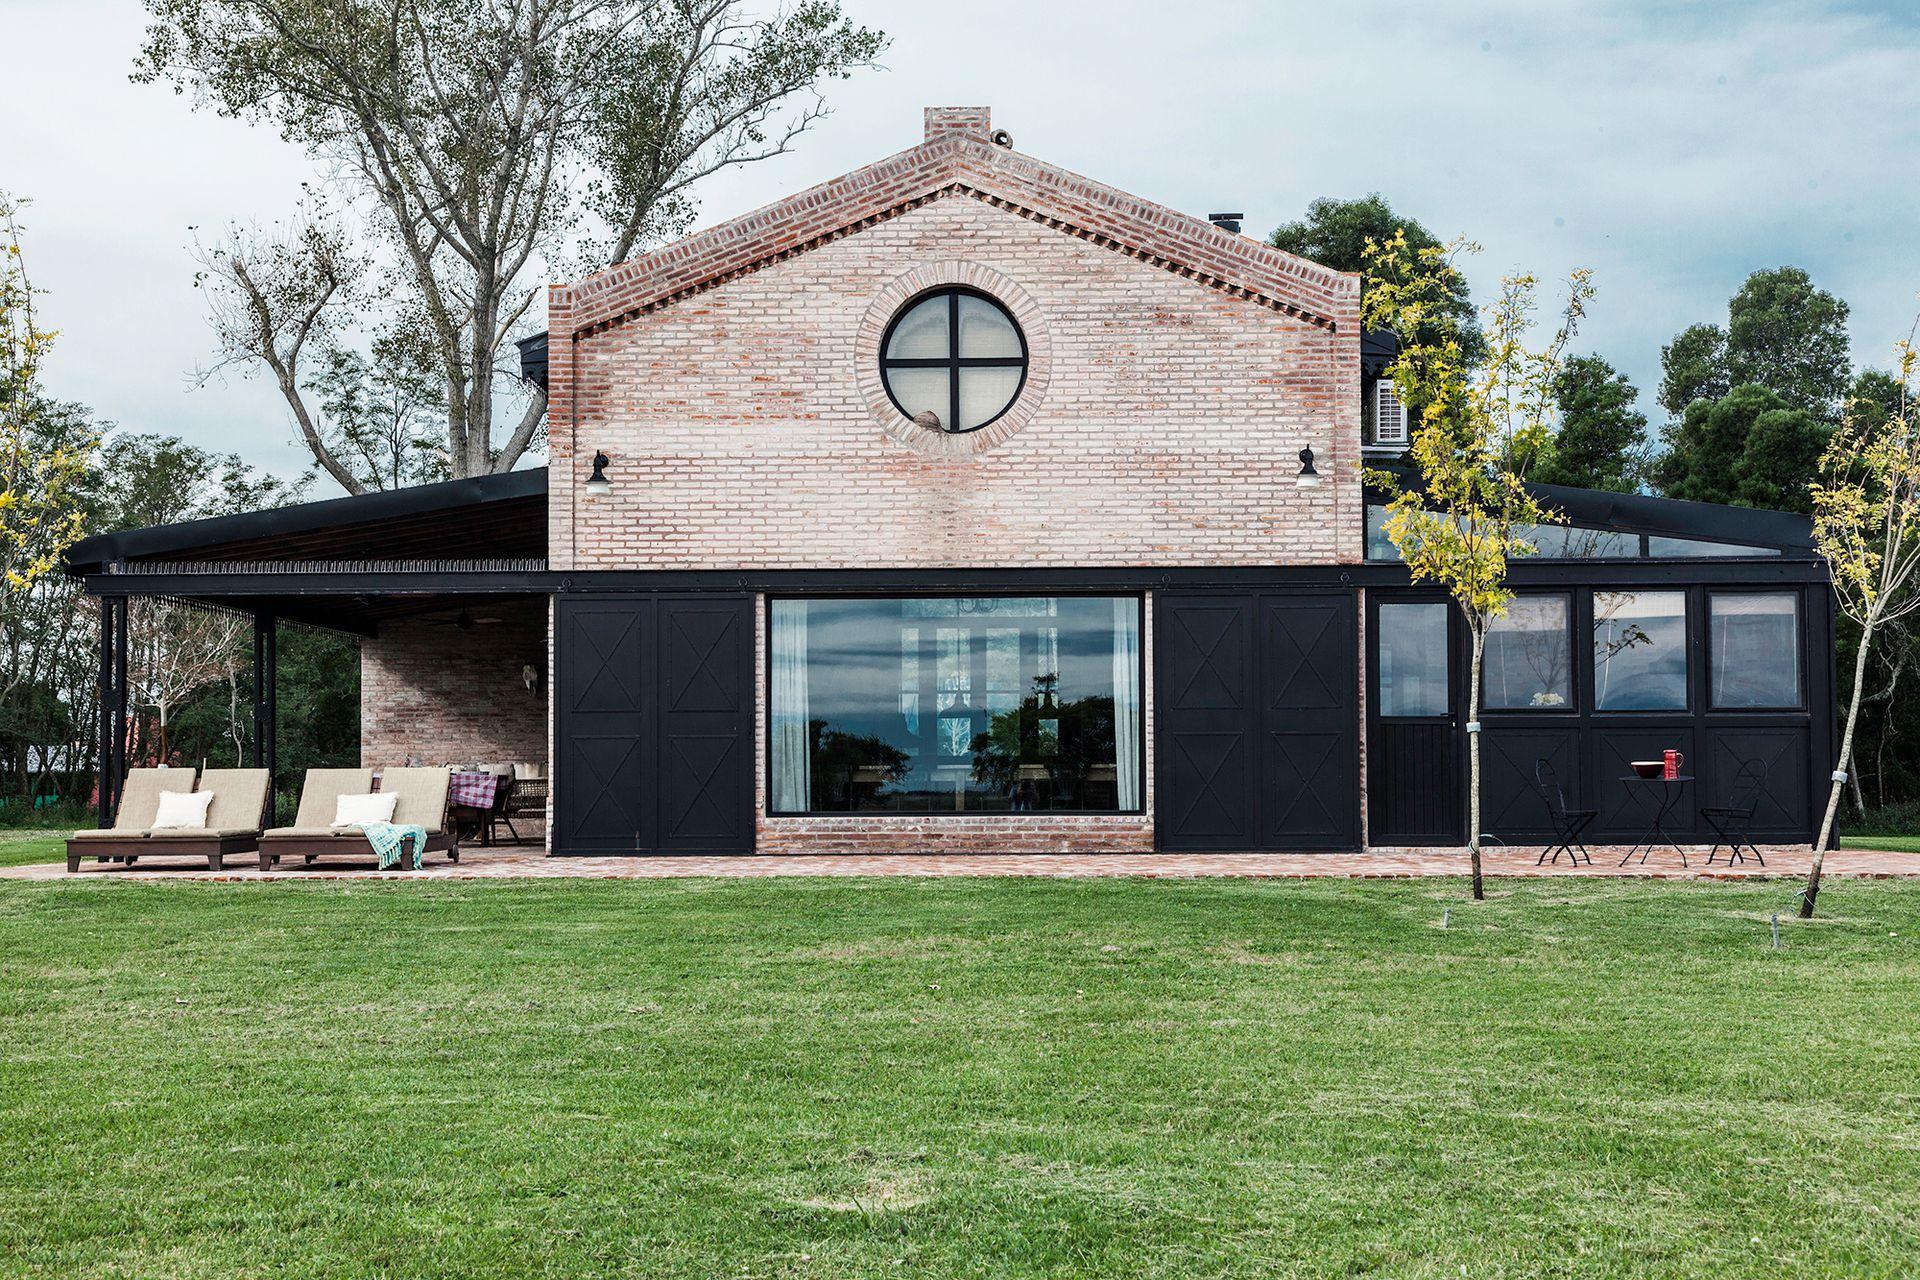 Como un galpón ferroviario reciclado esta casa de campo hecha a nuevo rinde culto a la tradición con mucho diseño y cero complejos